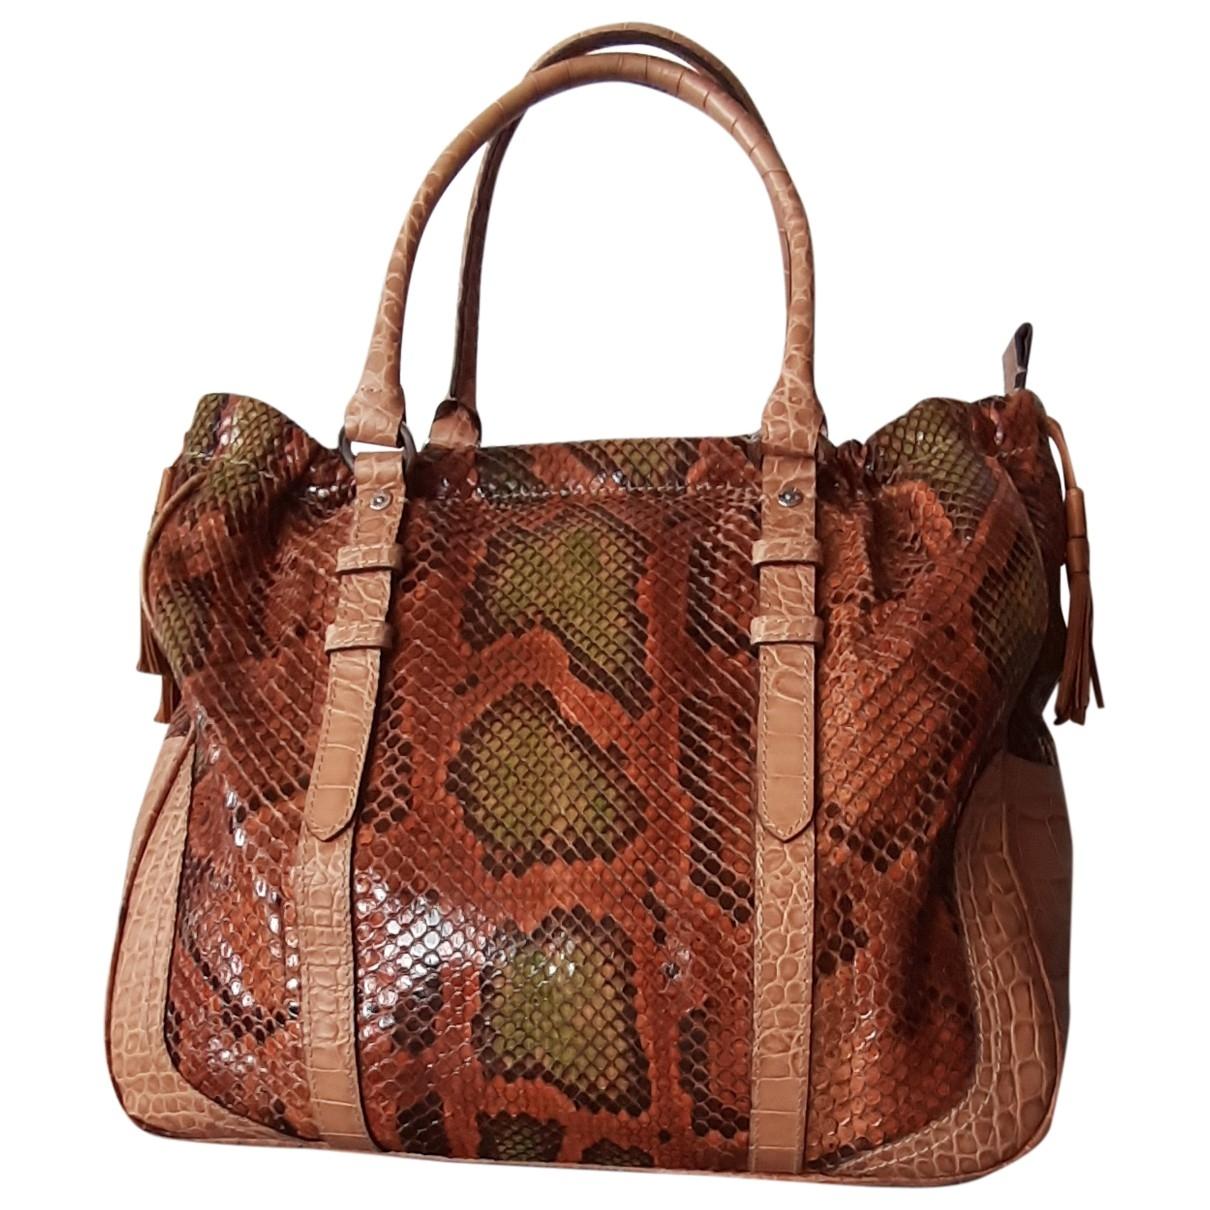 Bogner \N Leather handbag for Women \N